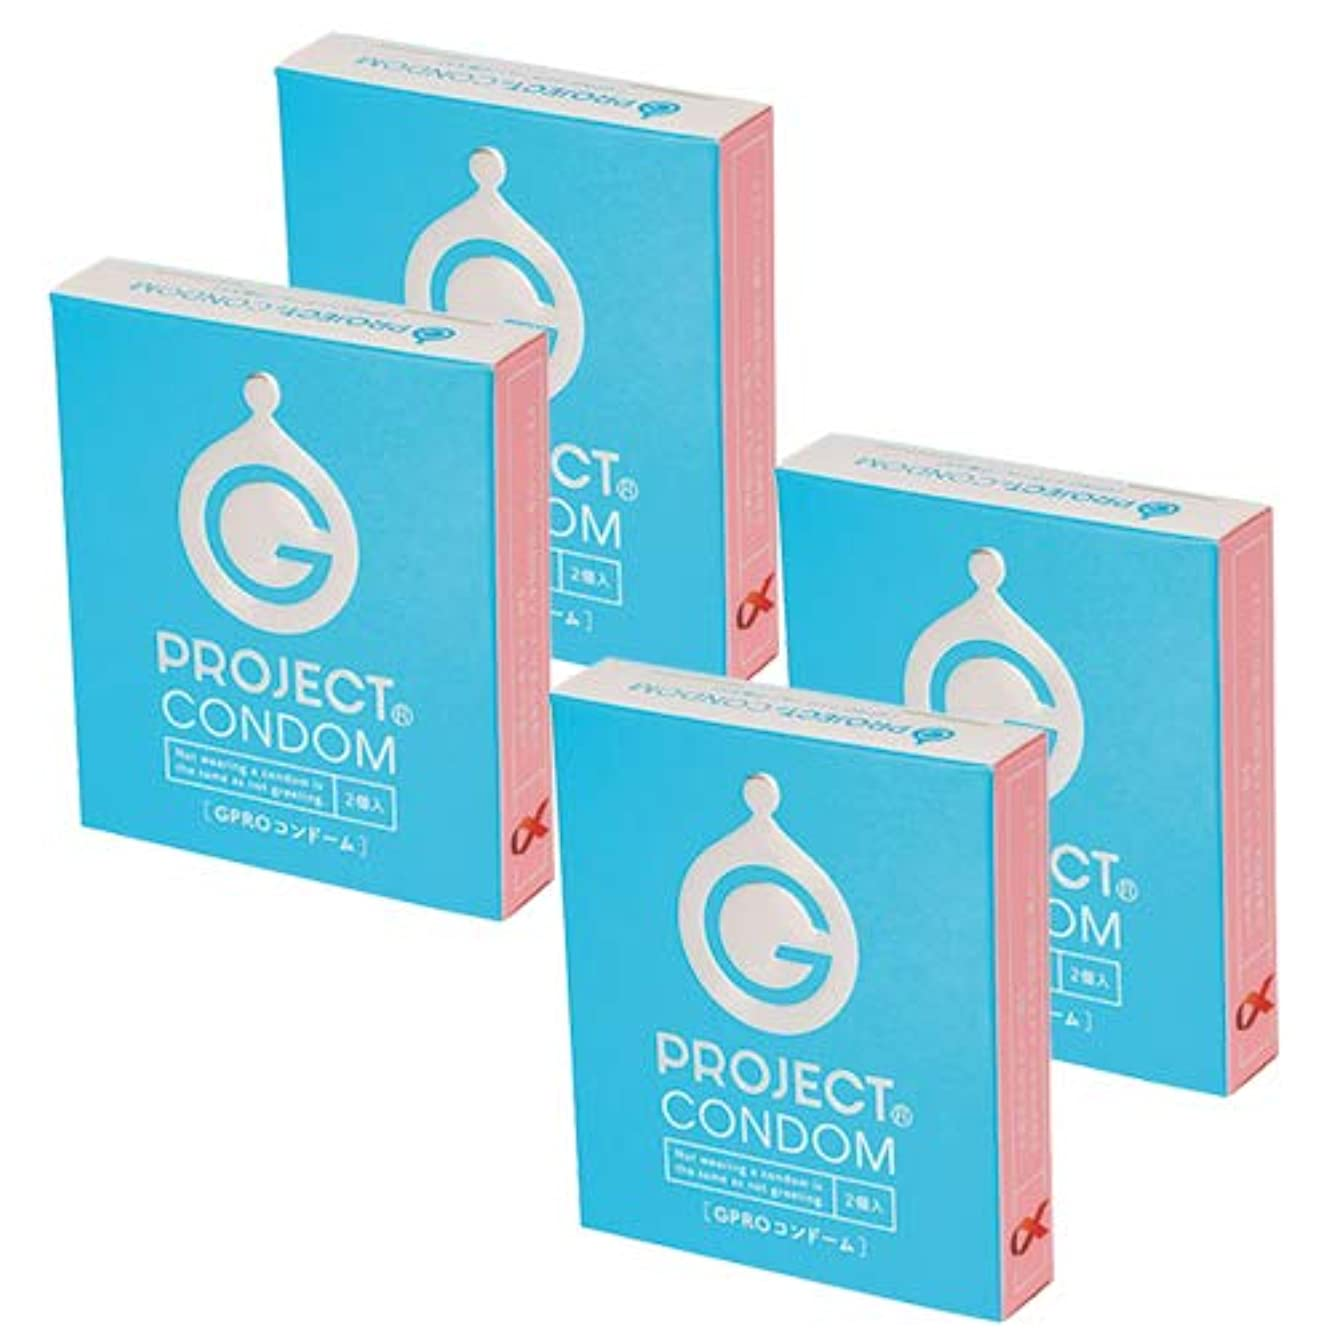 検索リングレット険しいG PROJECT G PROコンドーム2個入り 4箱セット(計8個)